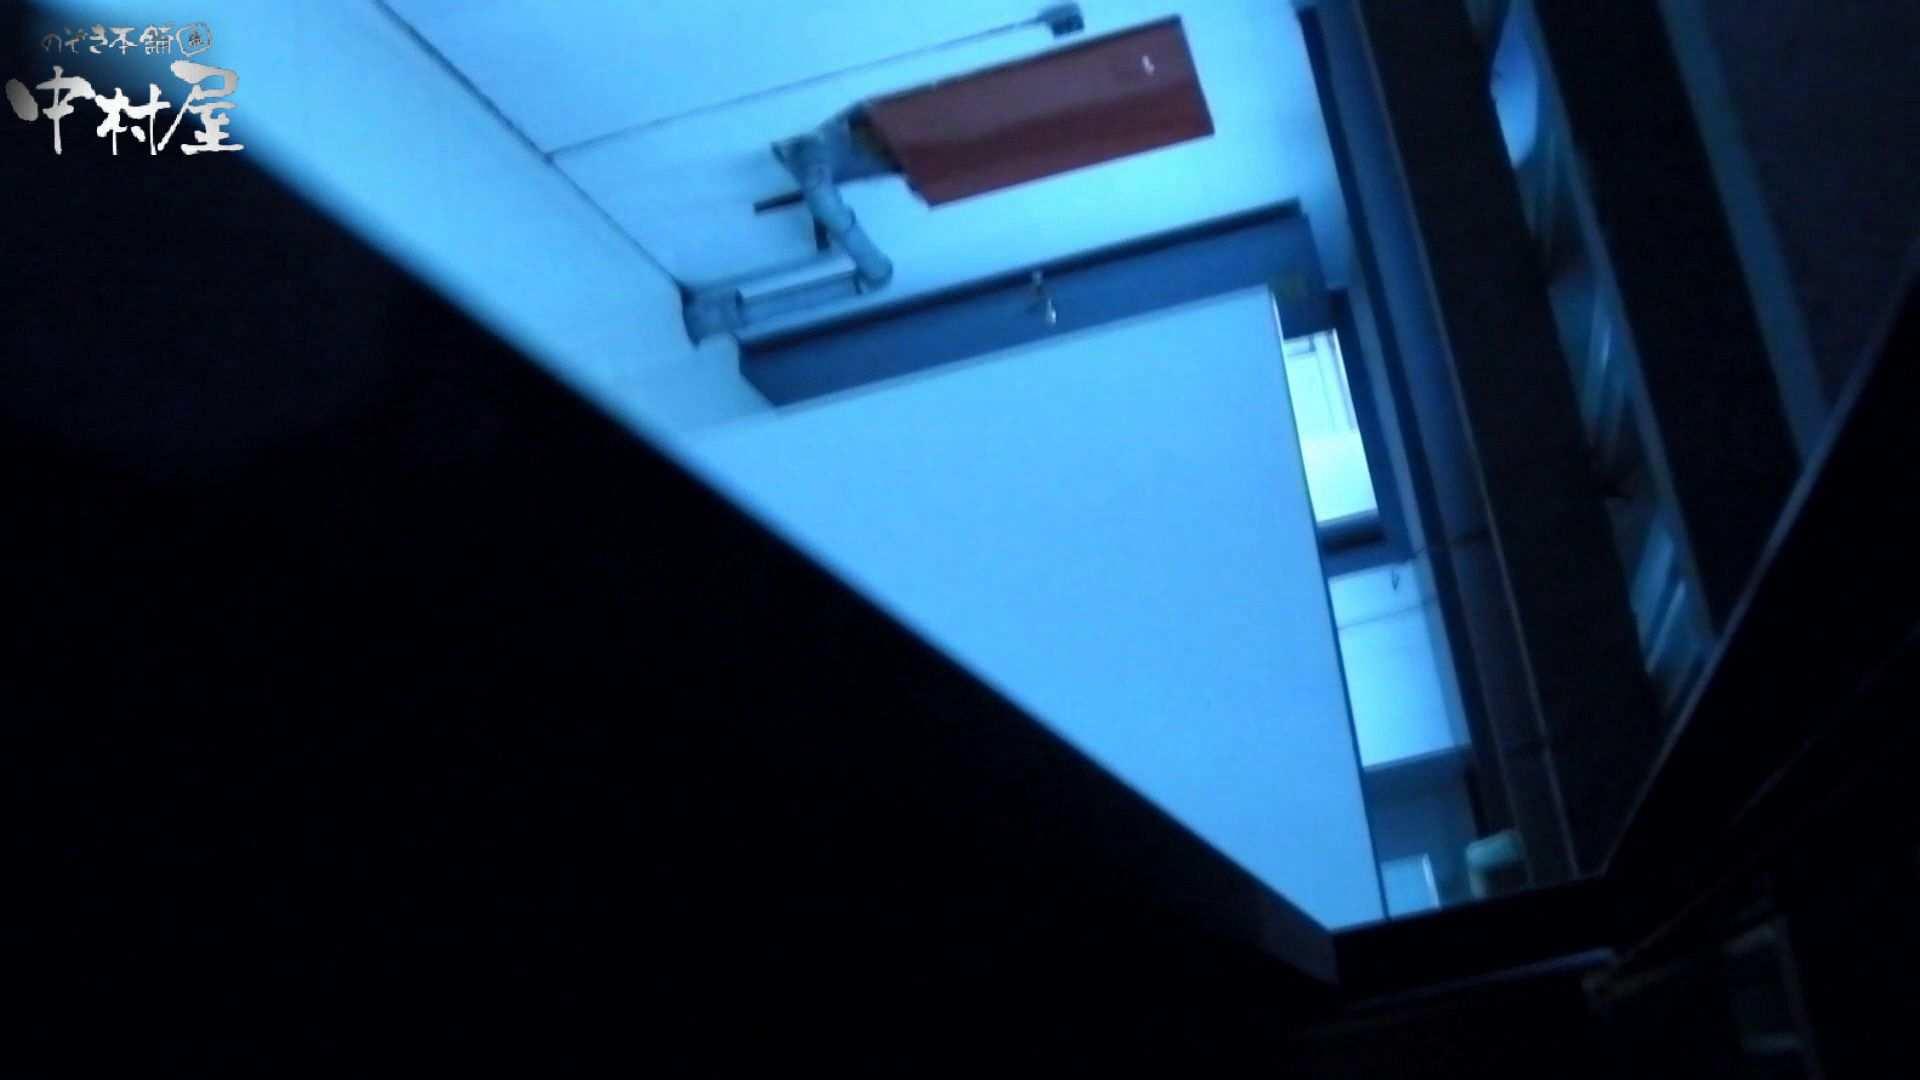 新世界の射窓 No72 モデル級なら個室から飛び出て追っかけます エロいモデル すけべAV動画紹介 64枚